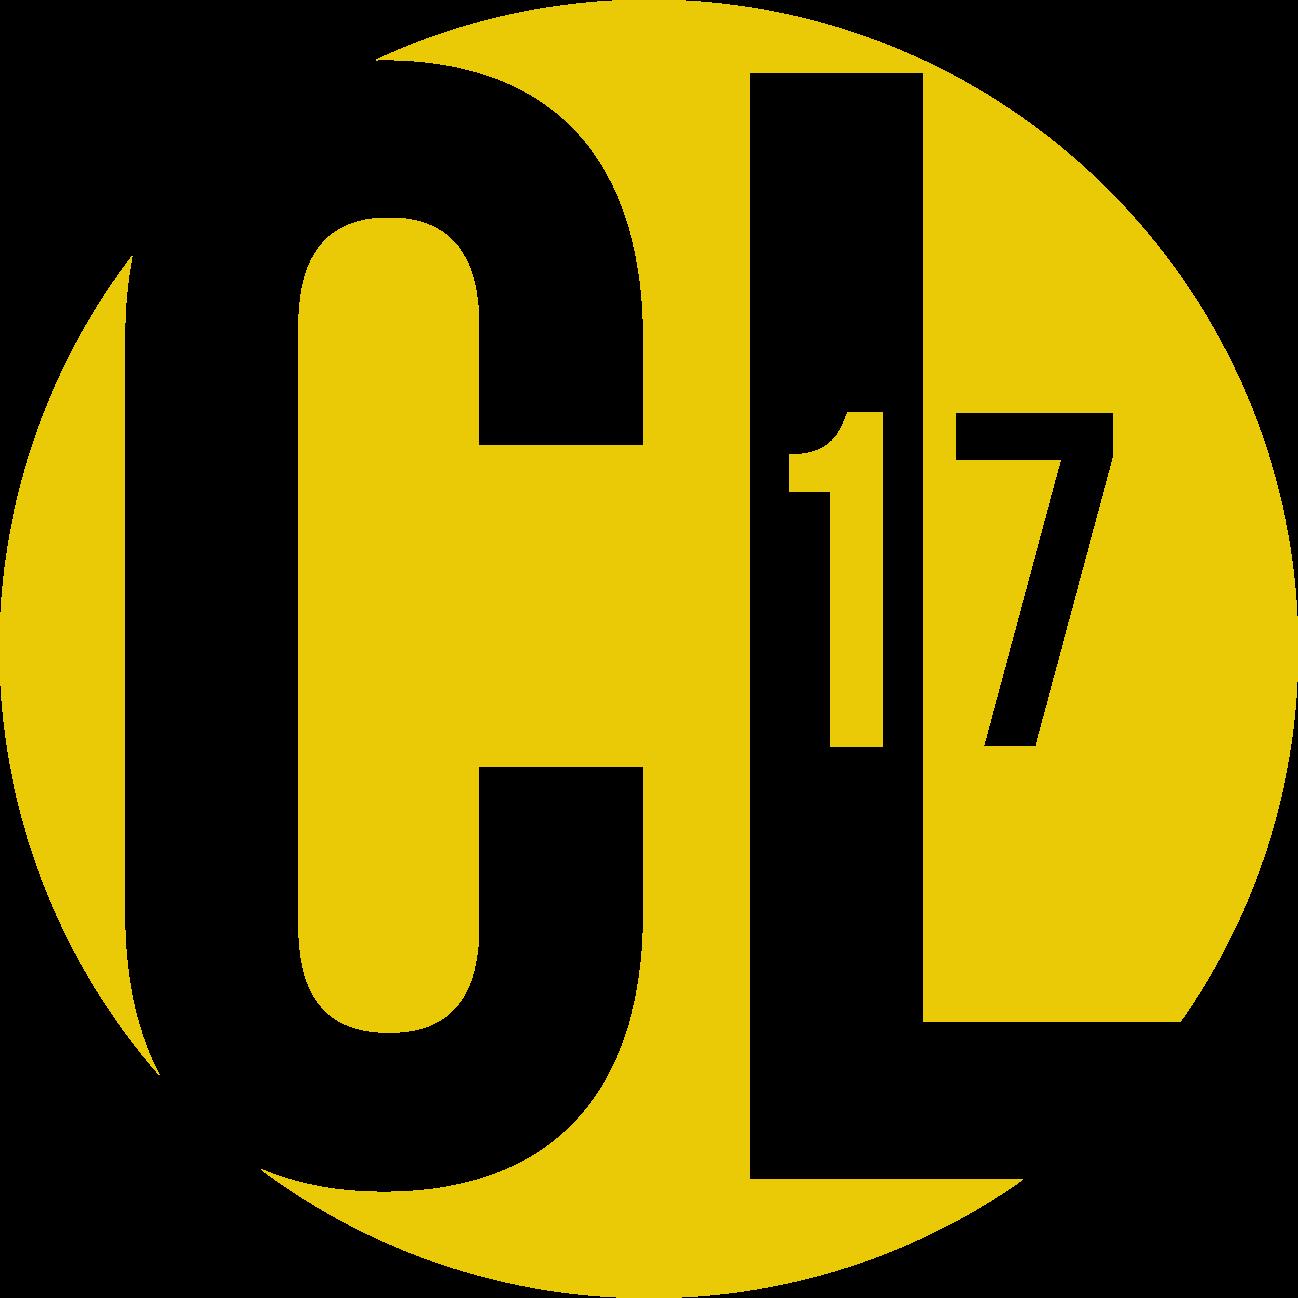 cyriaclinto